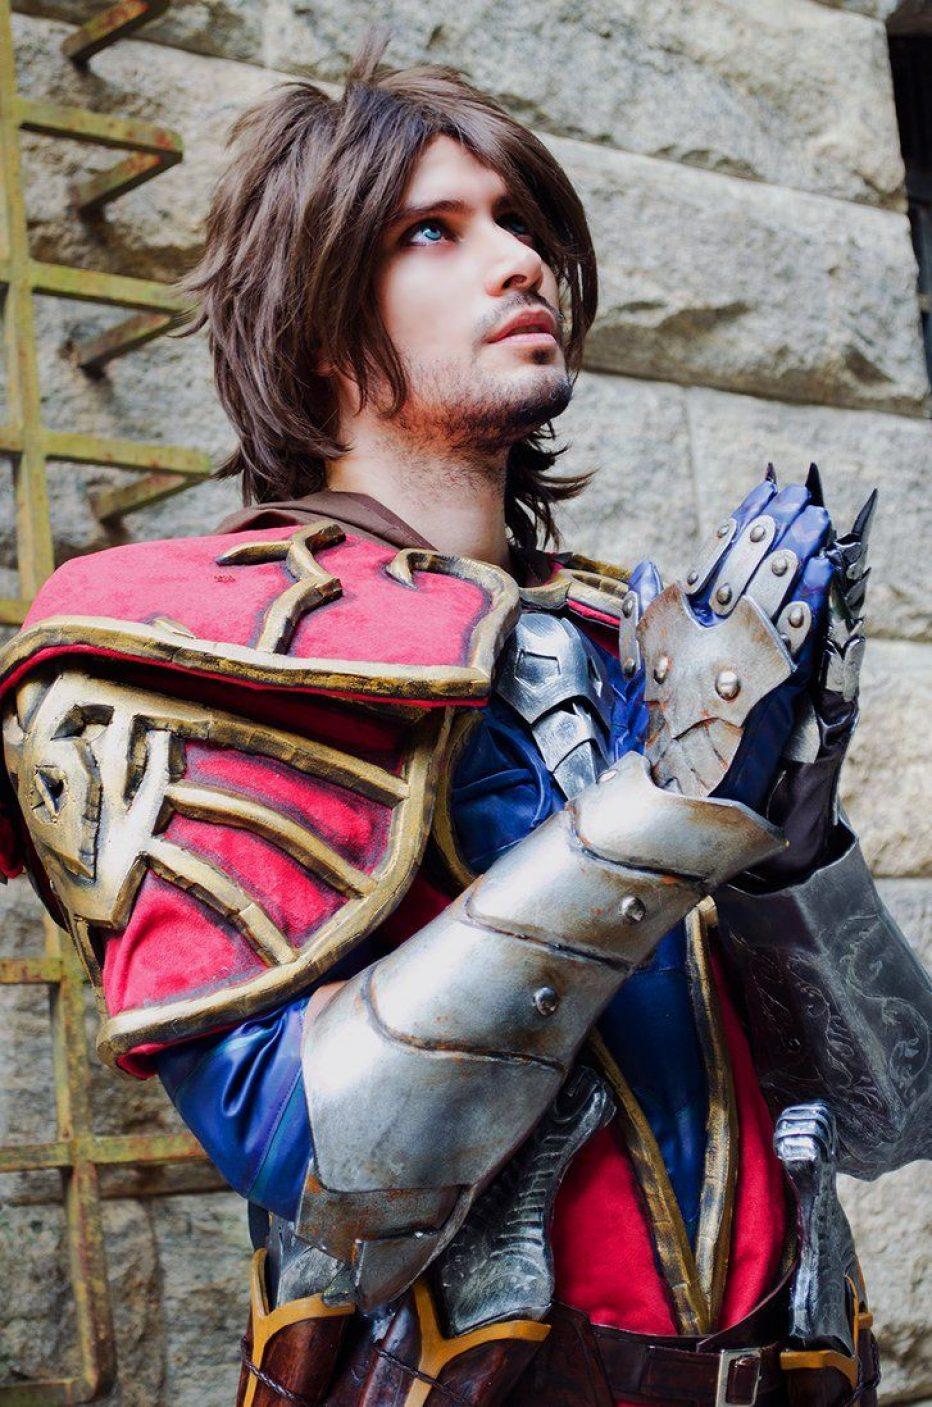 Castlevania-Gabriel-Belmont-Cosplay-Gamers-Heroes-2.jpg